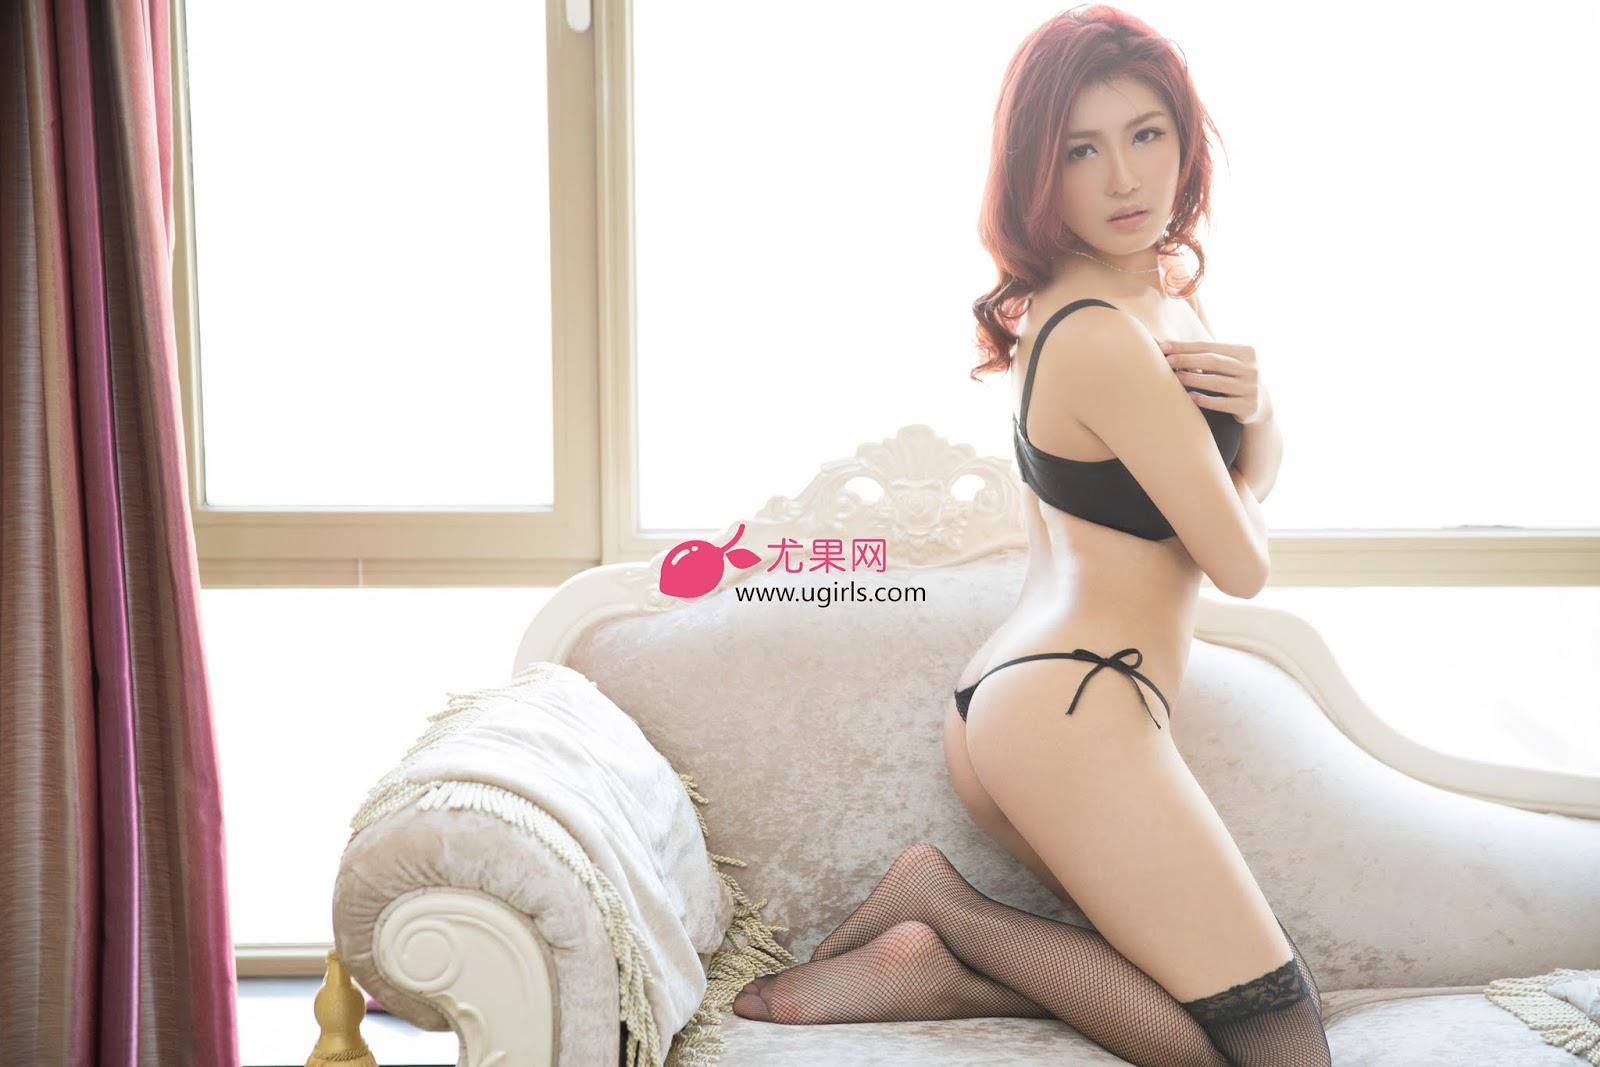 A14A5124 - Sexy Girl UGIRLS NO.7 Hot